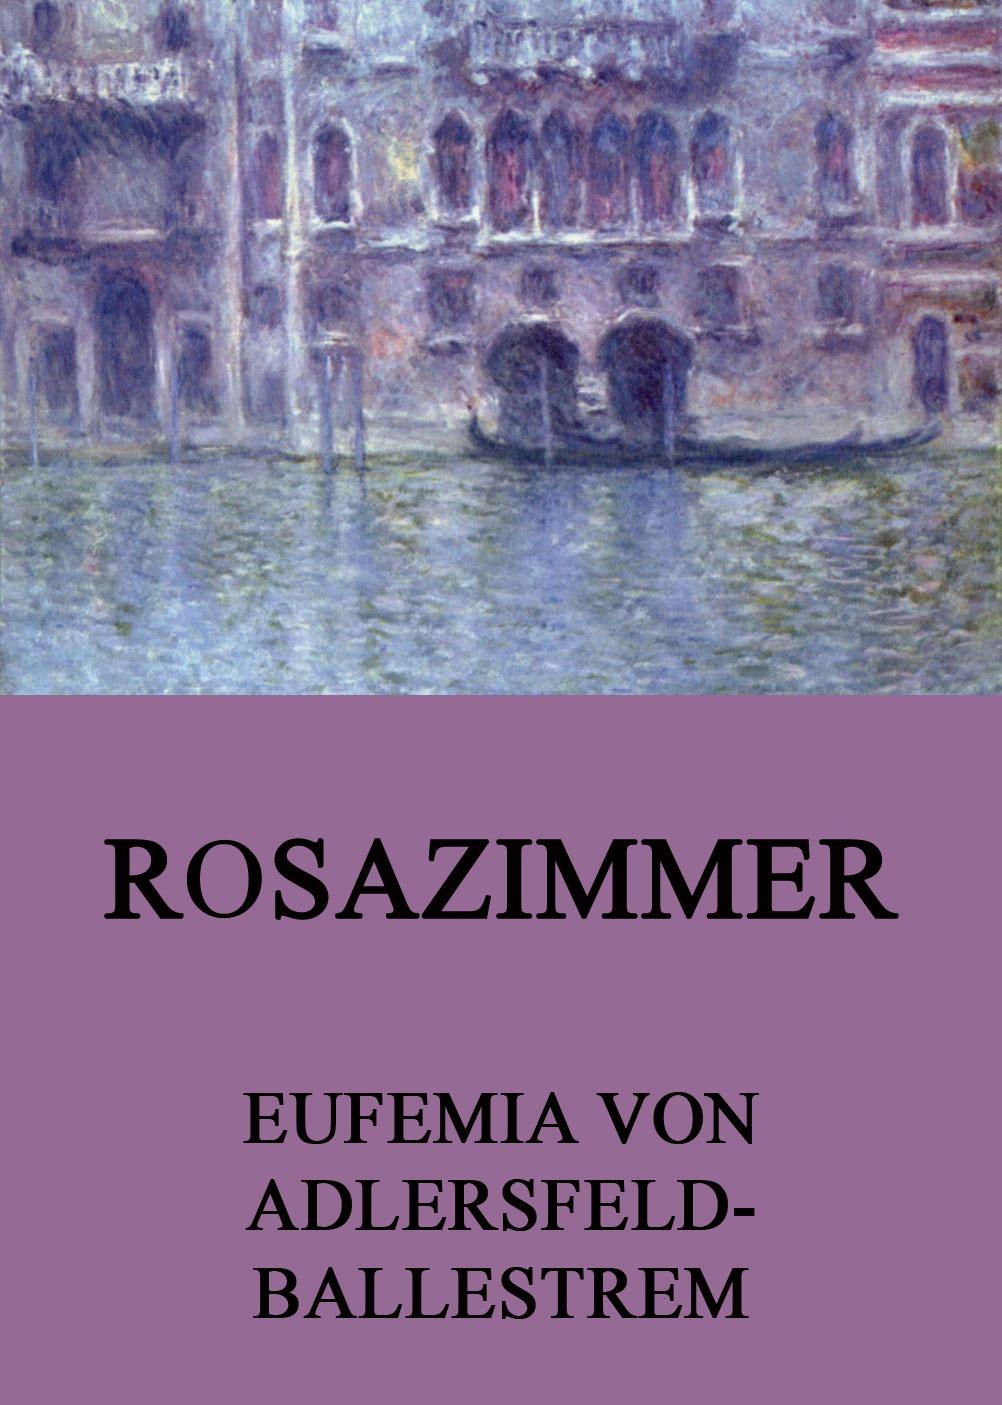 Rosazimmer фото